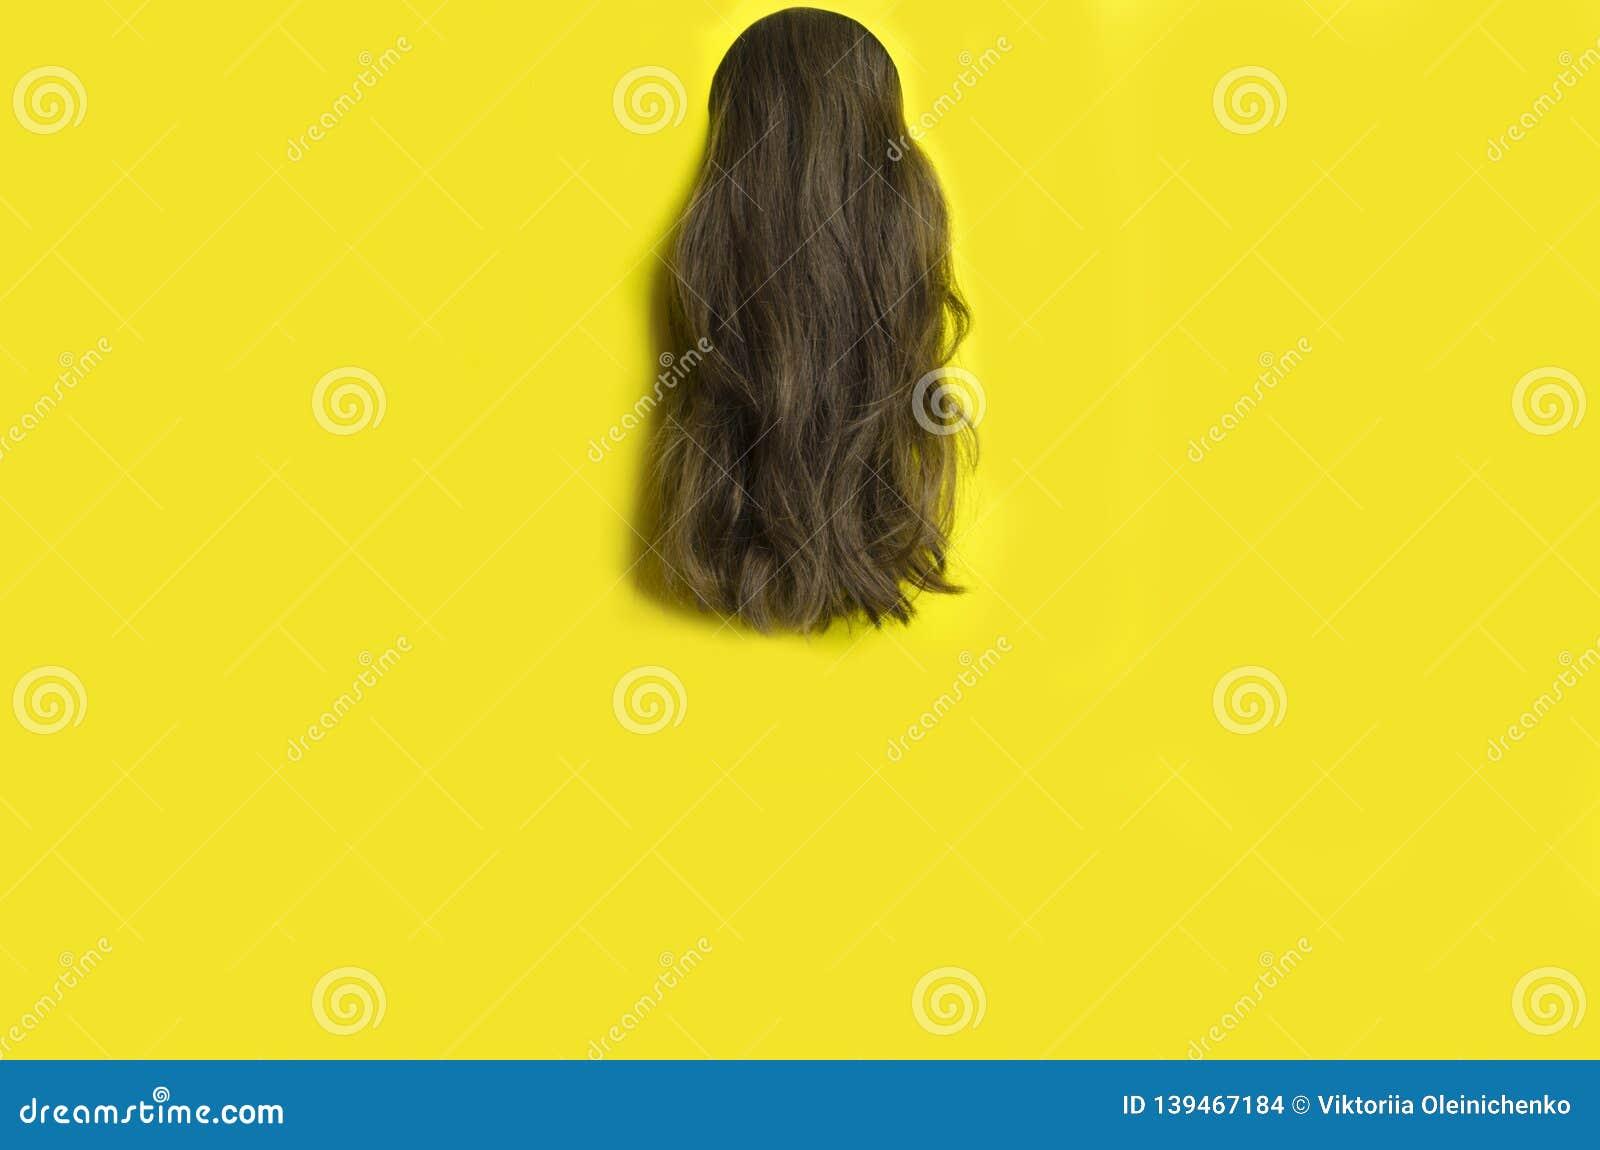 Modello per il parrucchiere Capelli ondulati lunghi contro fondo giallo, spazio della copia